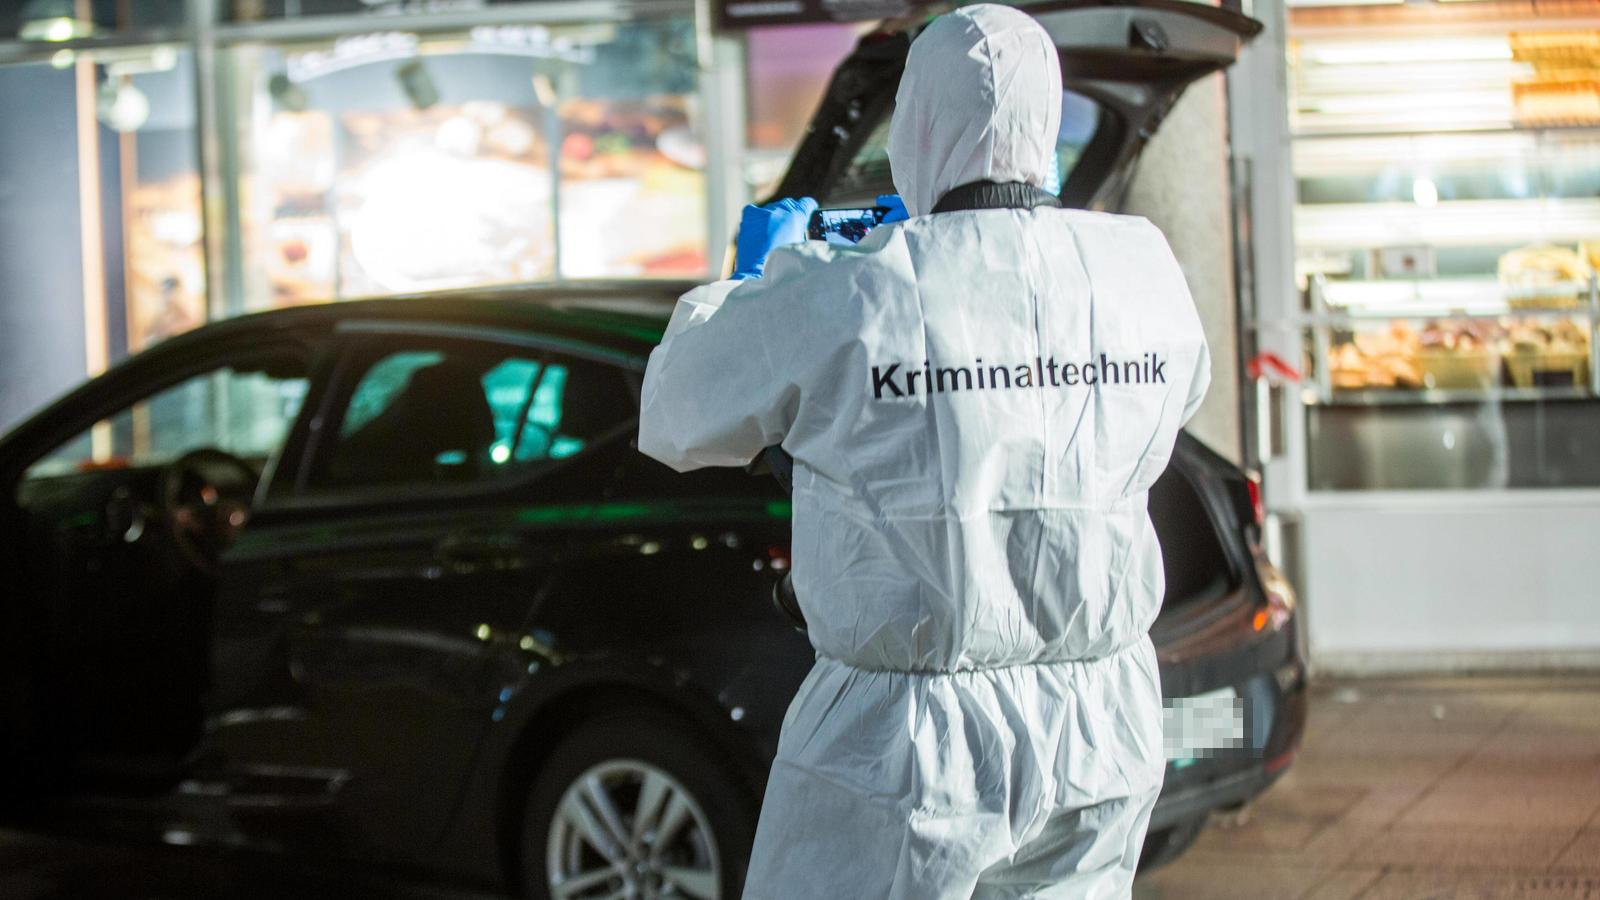 Mann rast mit Auto in Menschenmenge in Heidelberg - Drei Verletzte